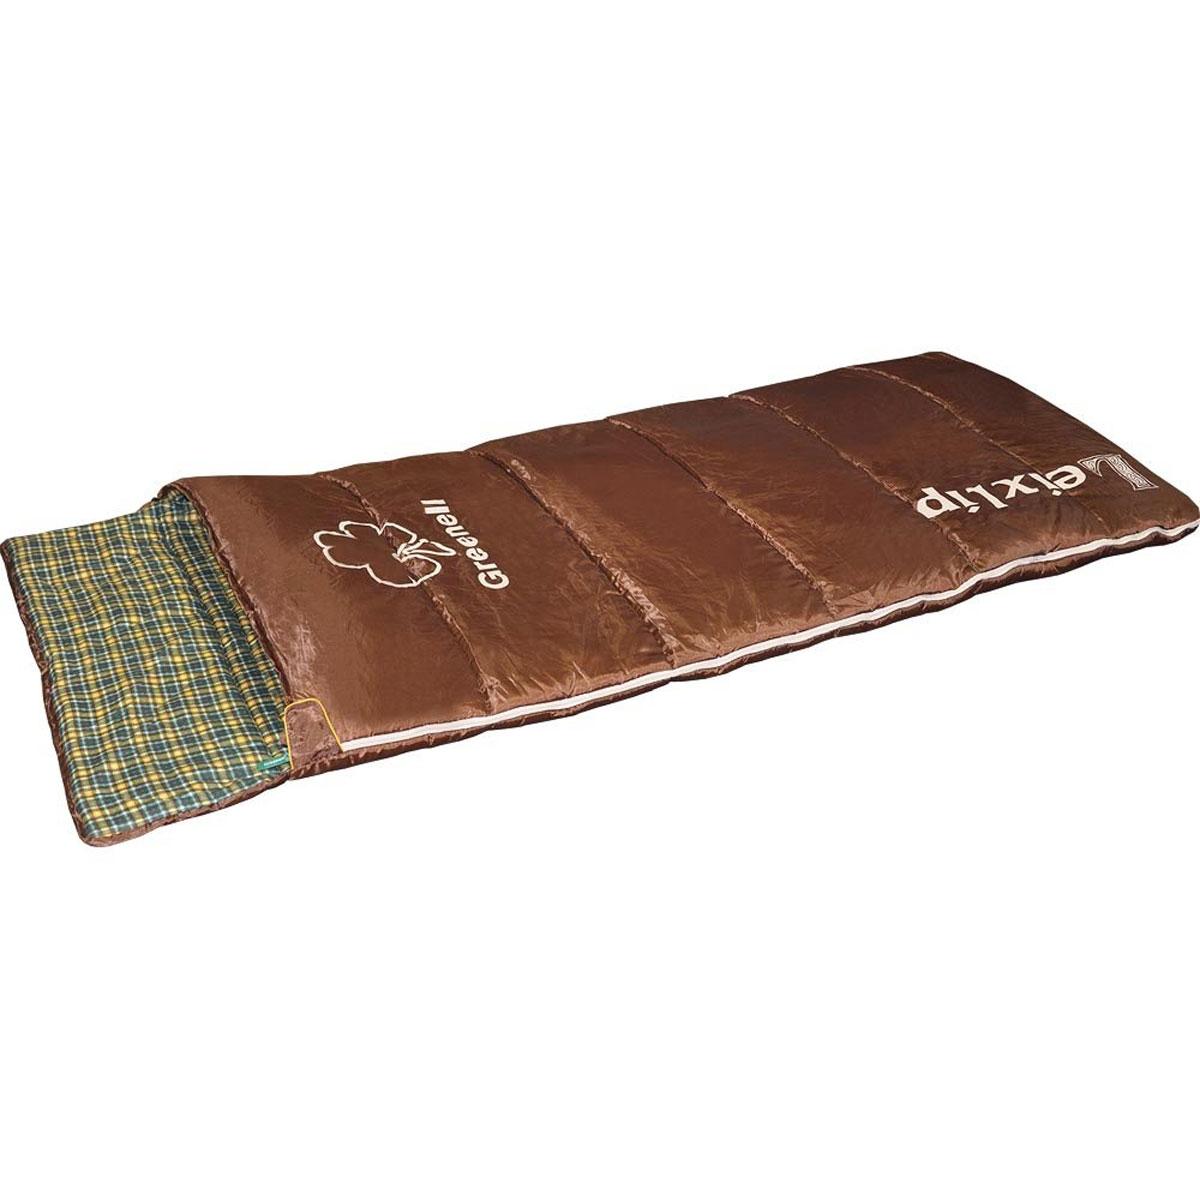 Спальный мешок Greenell Лейкслип, правосторонняя молния, цвет: коричневый34023-224-00Спальный мешок Лейкслип, правосторонняя молния, Коричневый, 34023-224-00